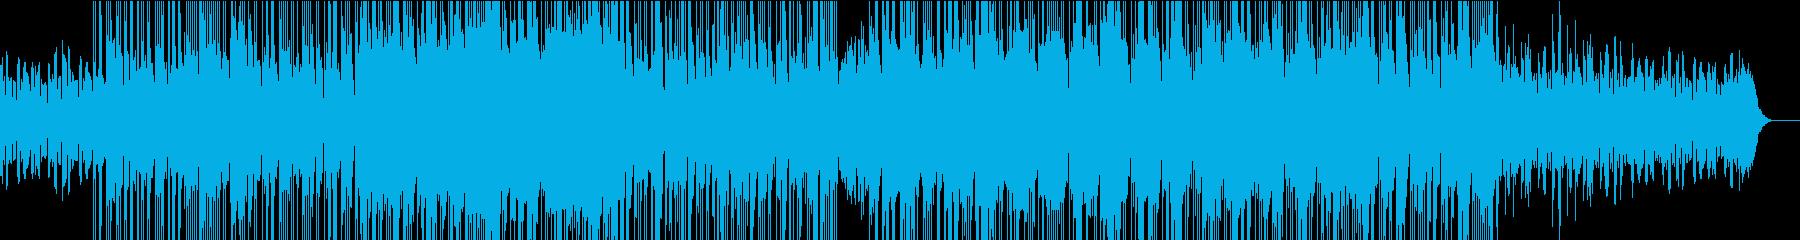 オルガン エレキギター 楽しく激しい曲の再生済みの波形